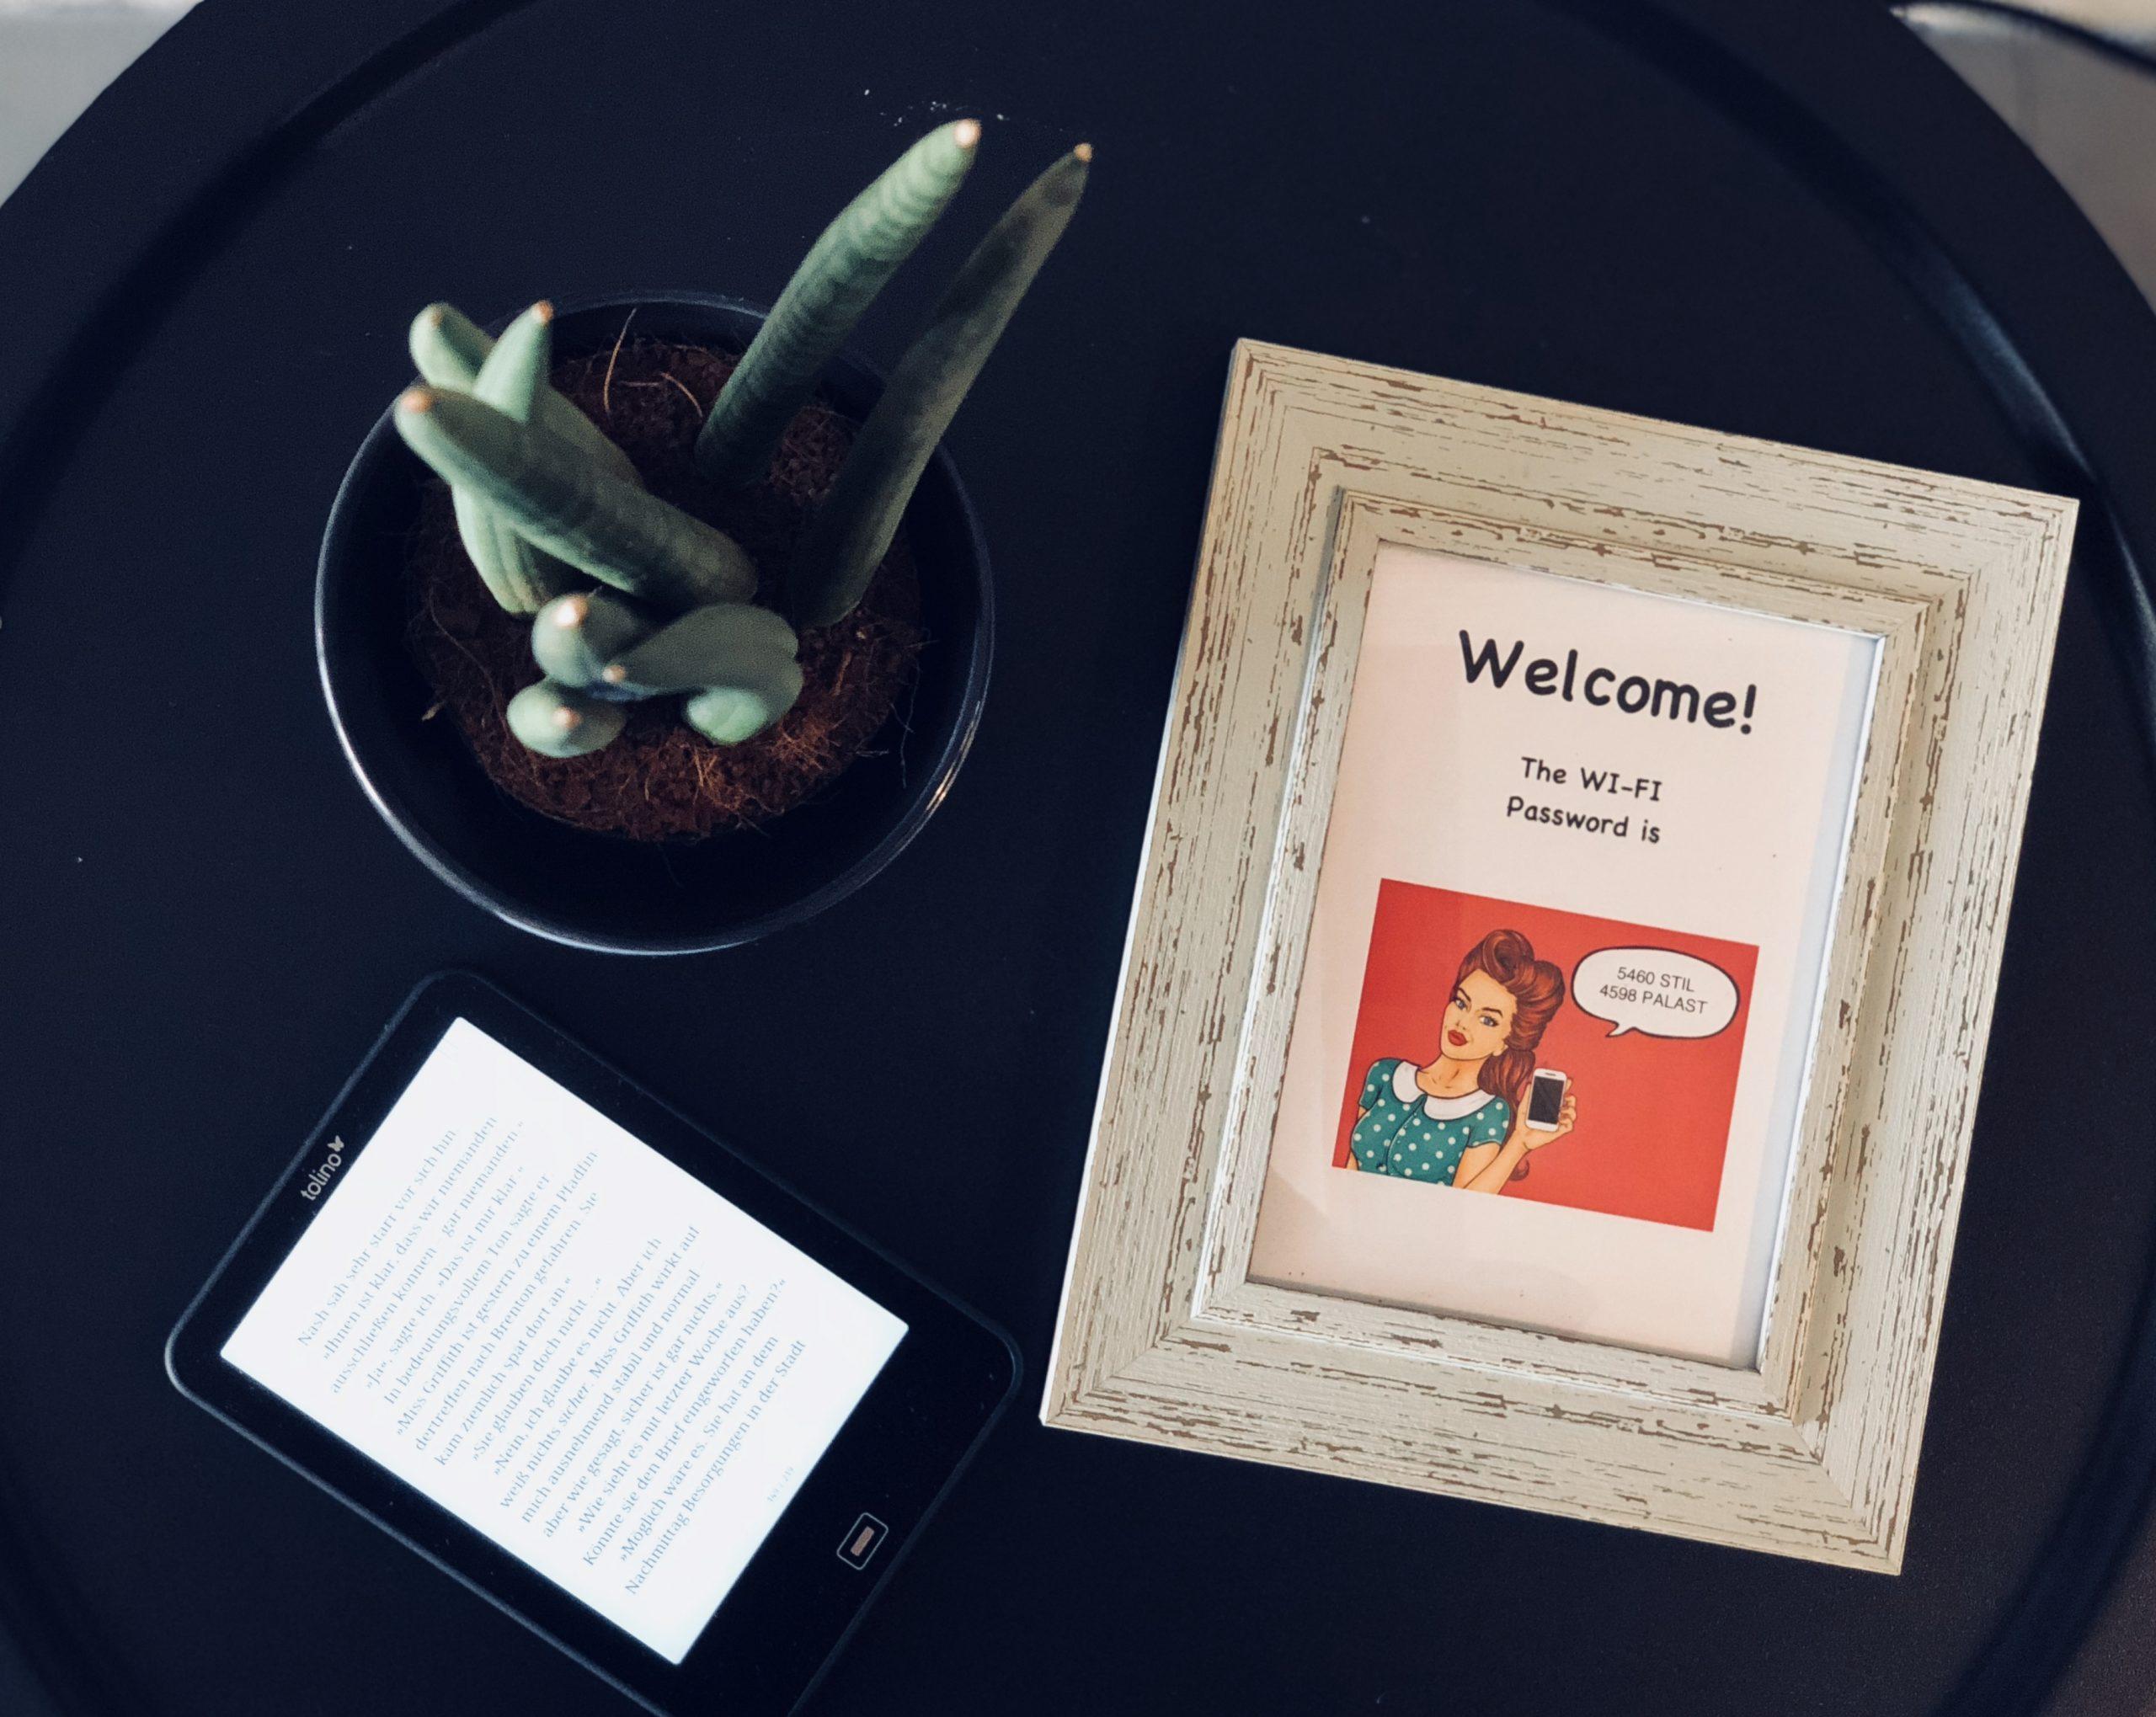 WI-FI-Passwort-Bilder für Gäste